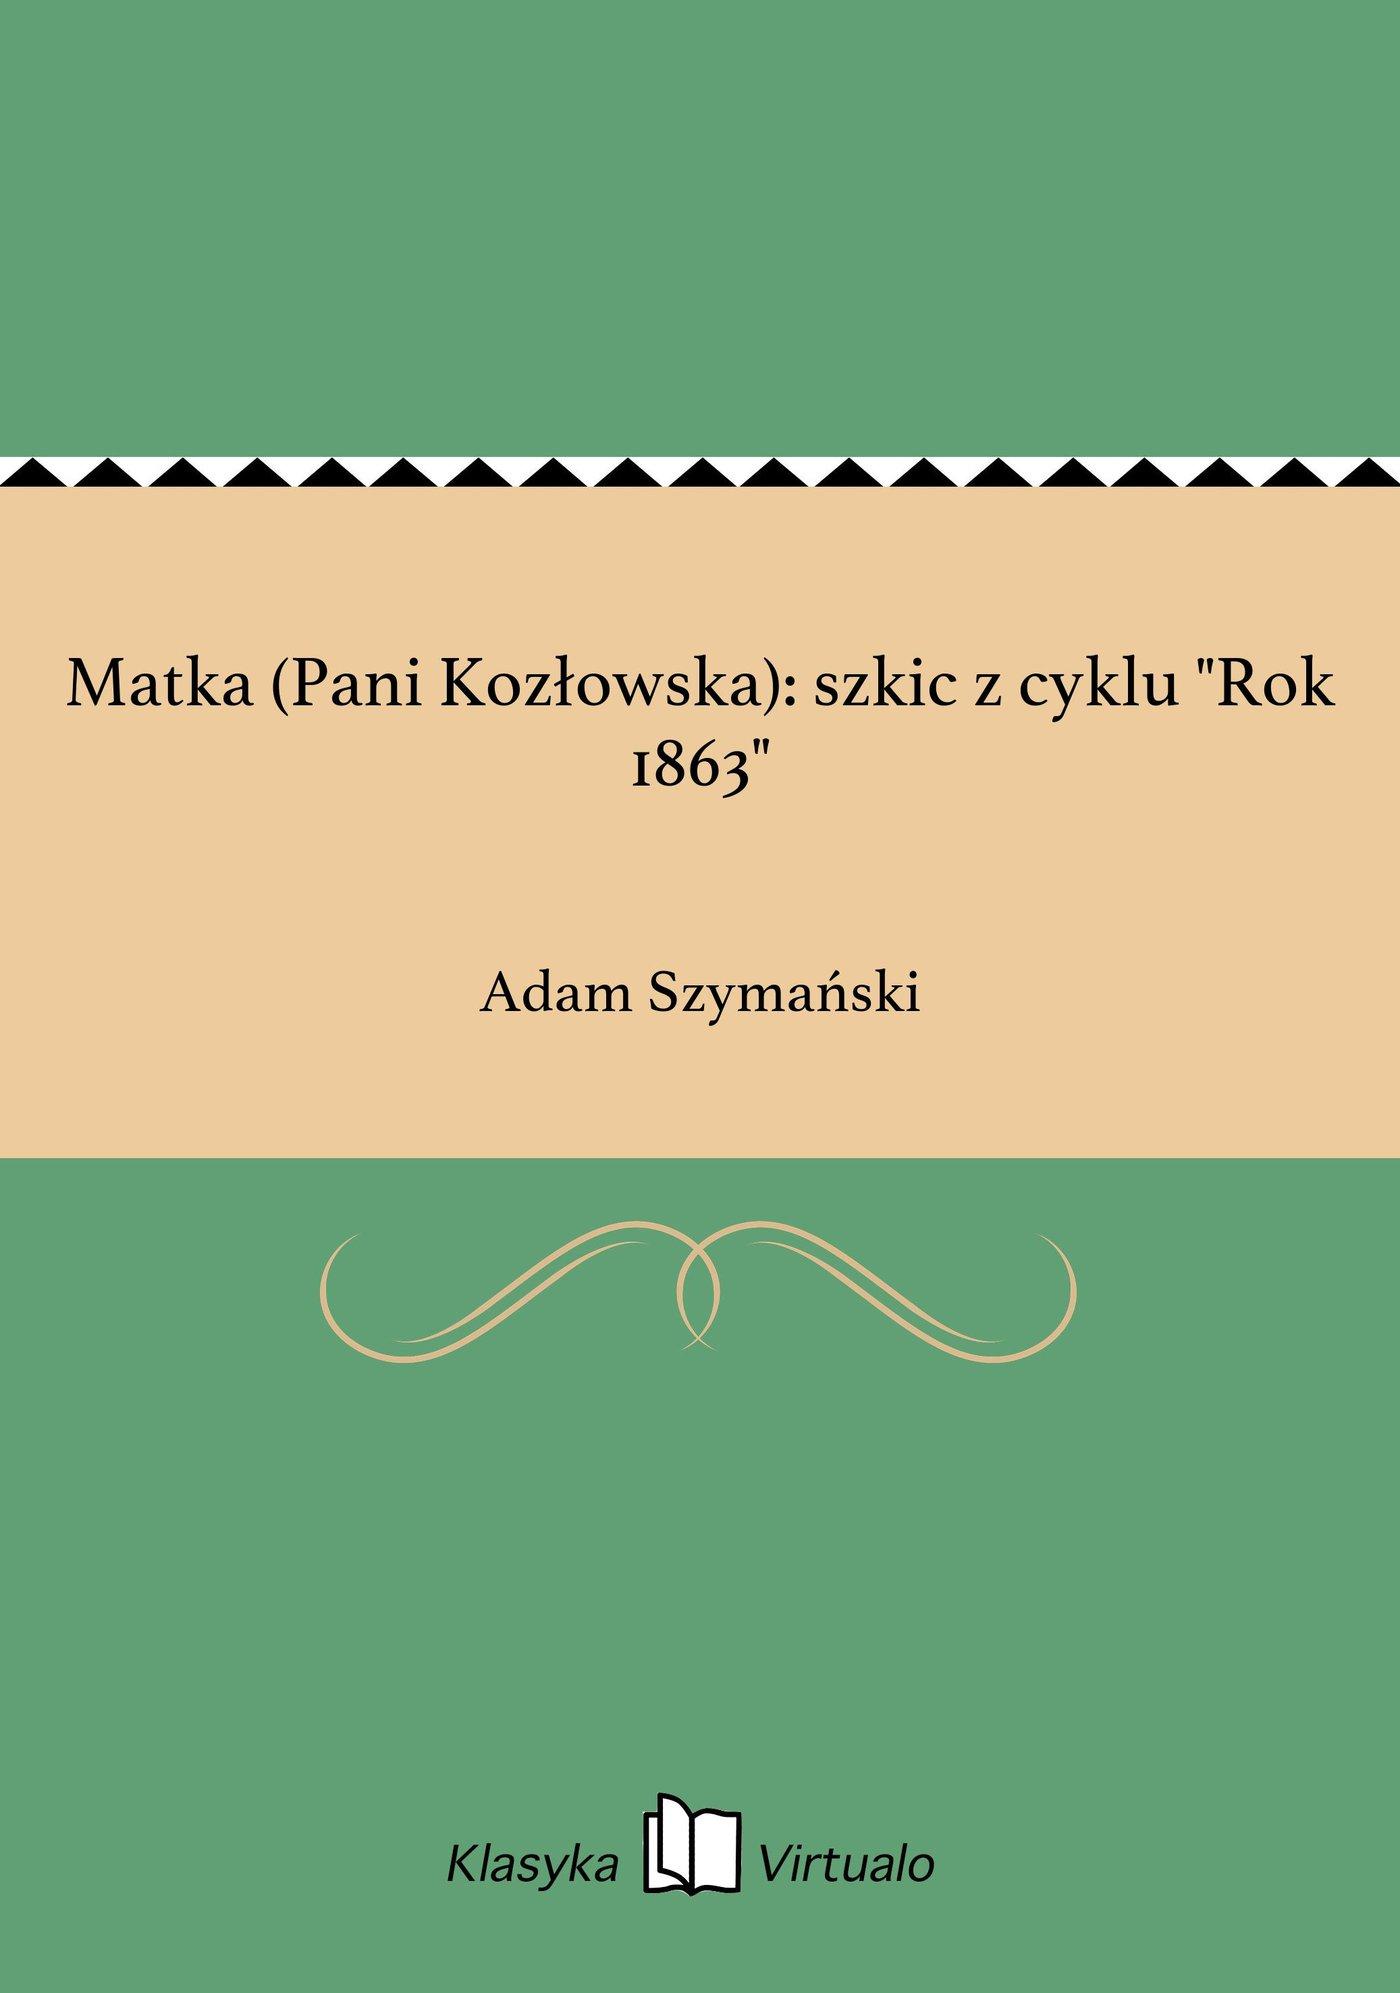 """Matka (Pani Kozłowska): szkic z cyklu """"Rok 1863"""" - Ebook (Książka na Kindle) do pobrania w formacie MOBI"""